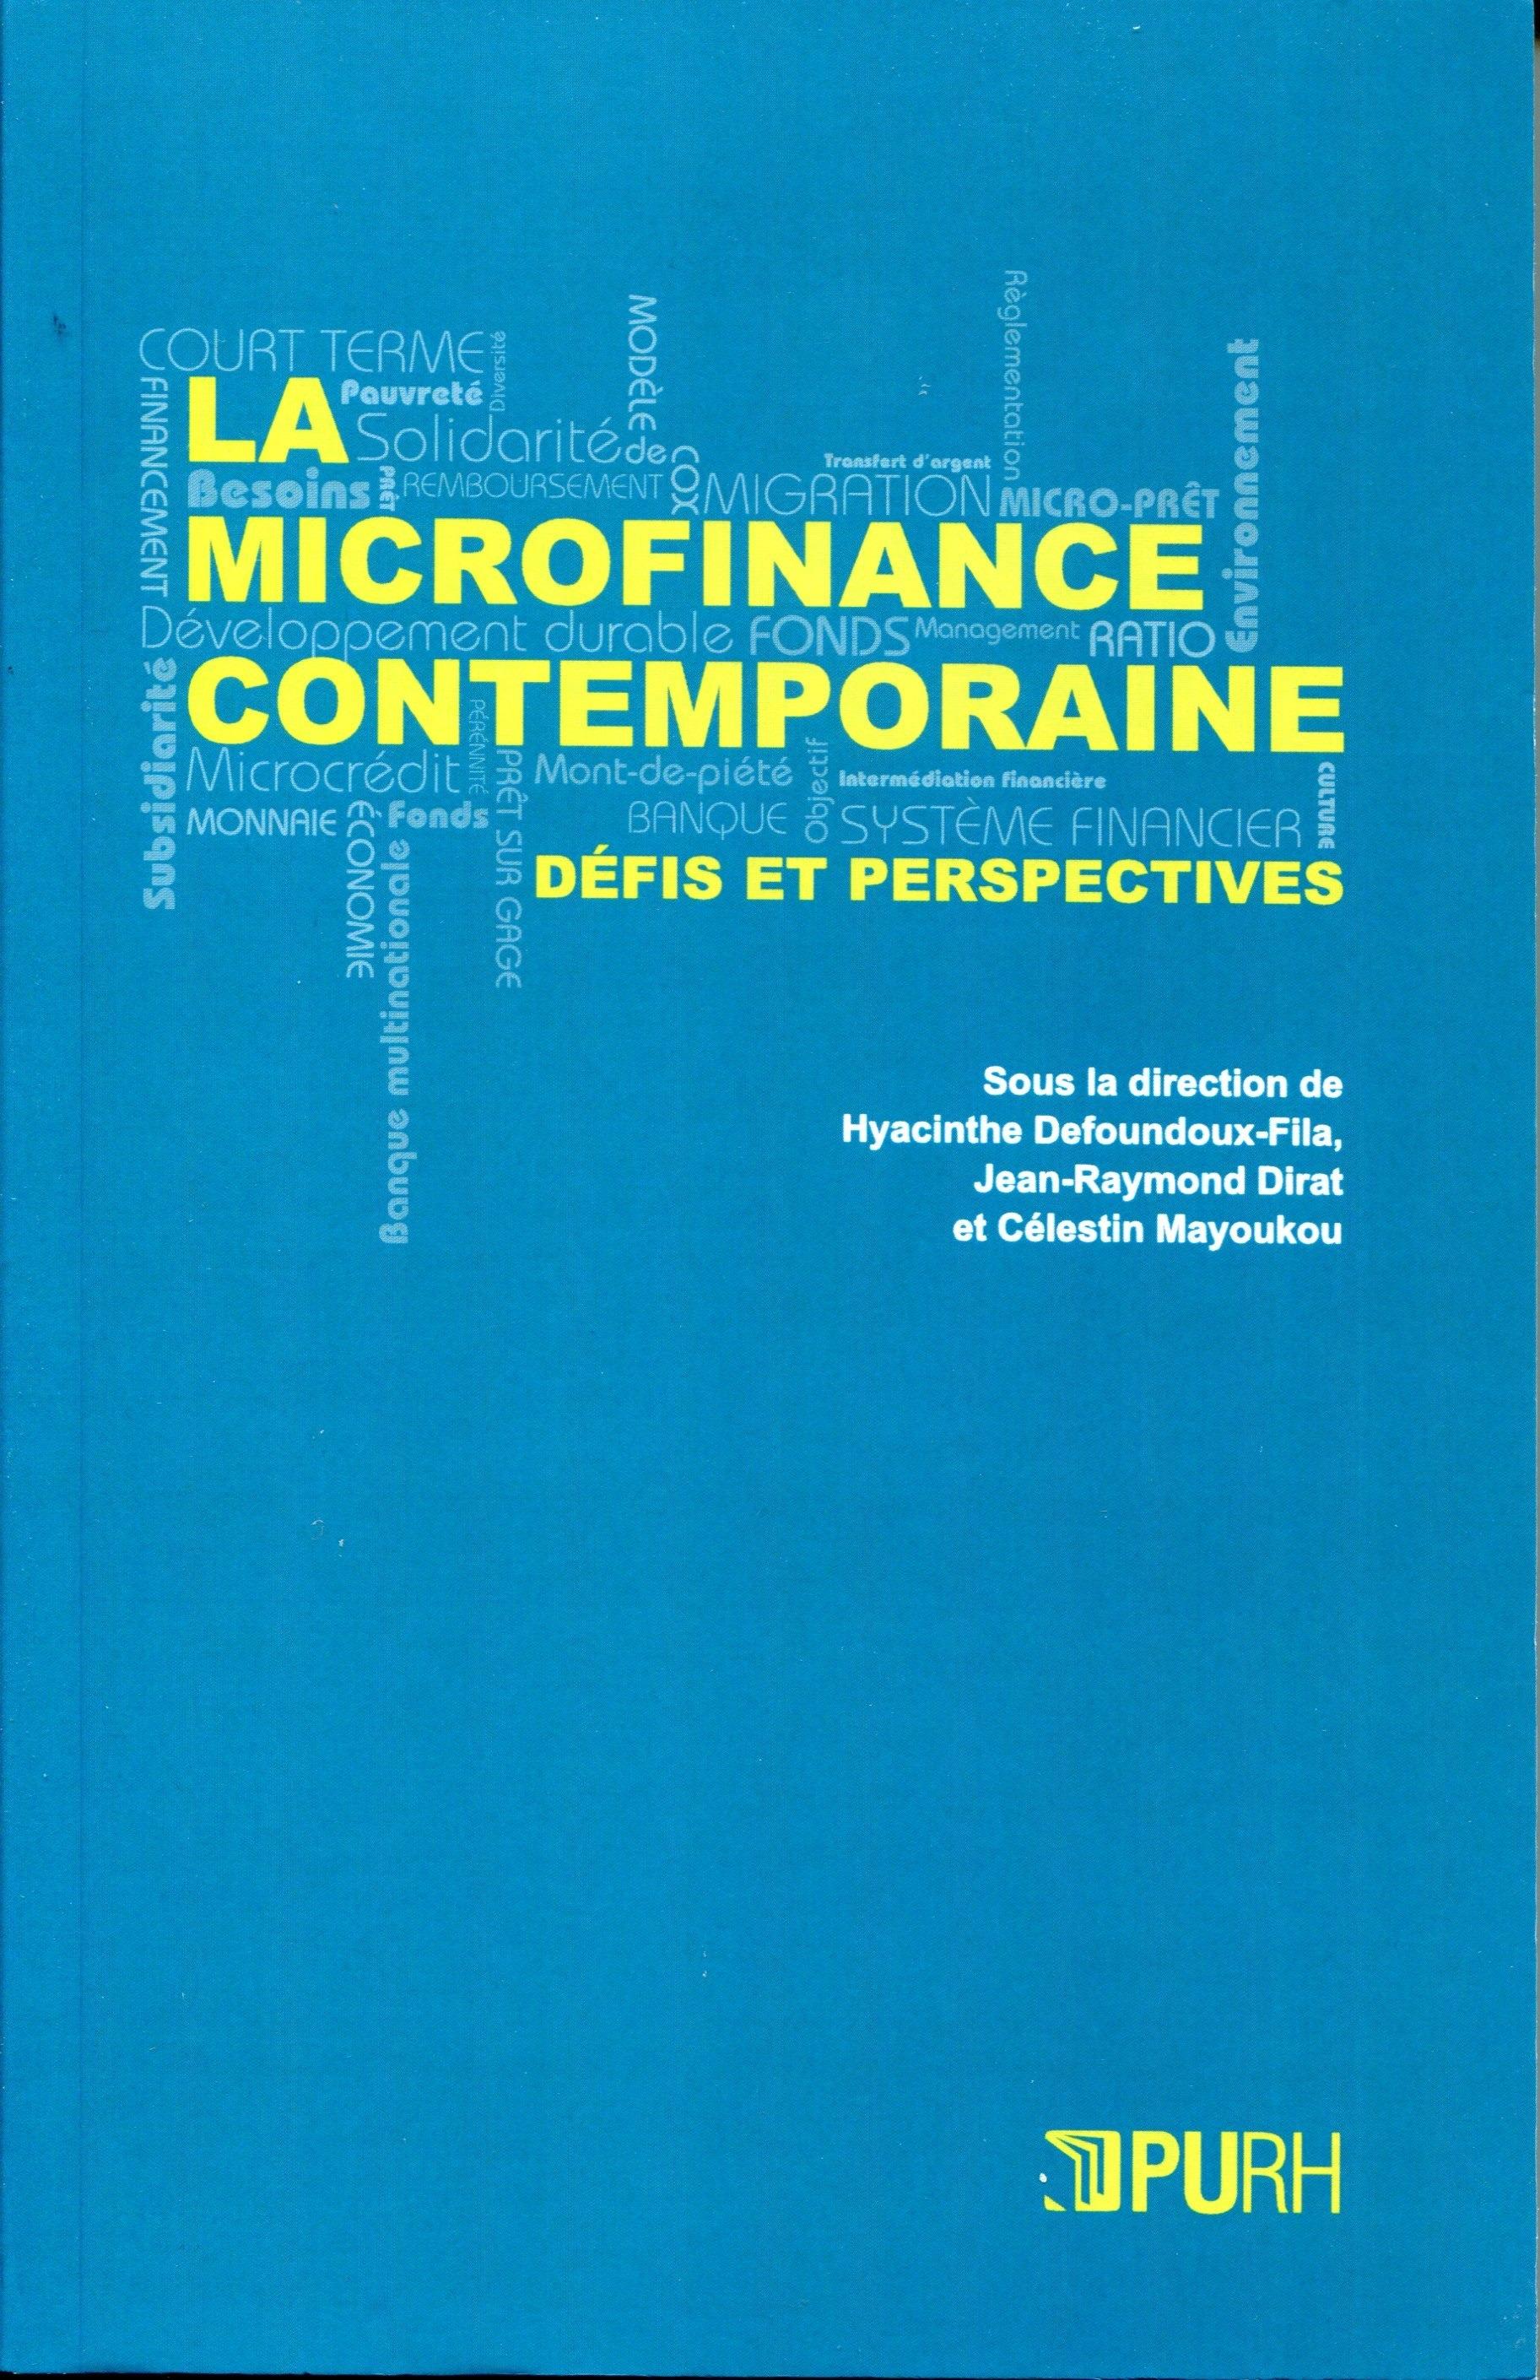 La microfinance contemporaine - defis et perspectives